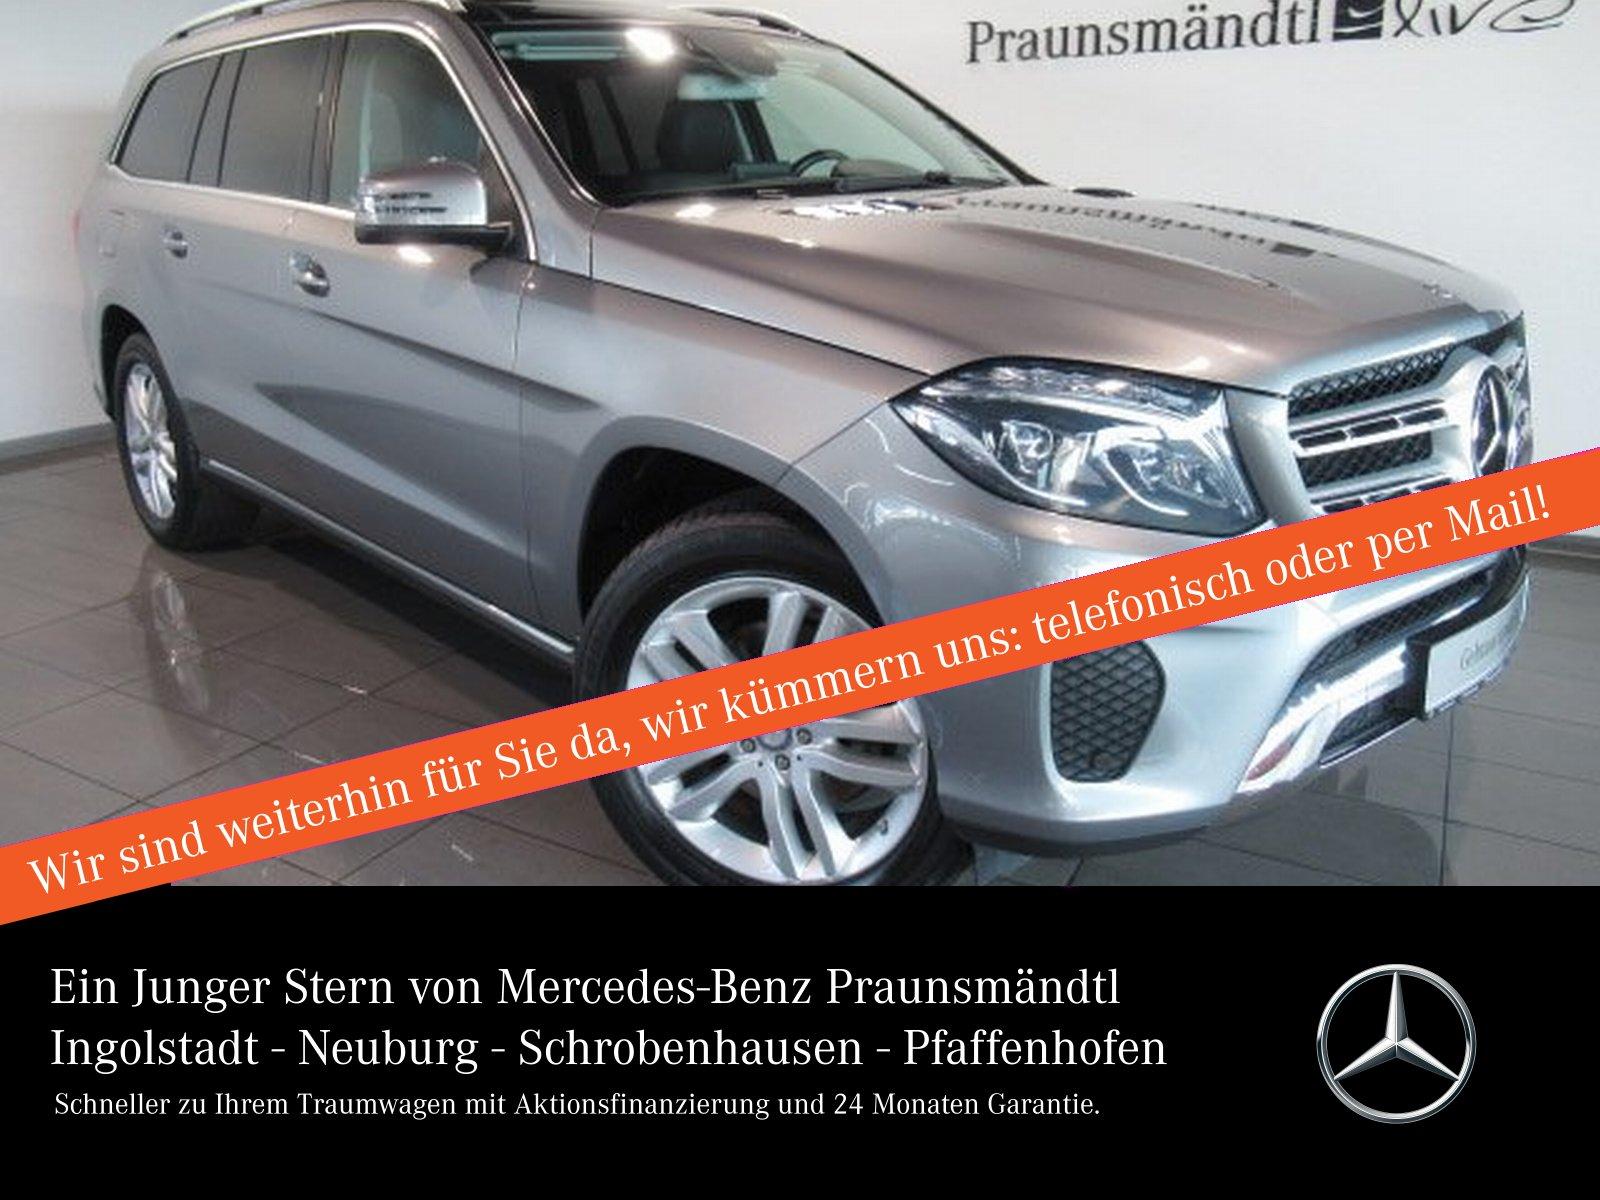 Mercedes-Benz GLS 350 d 4M Standhzg/DISTRONIC/AIRMATIC/360/PSD, Jahr 2016, Diesel